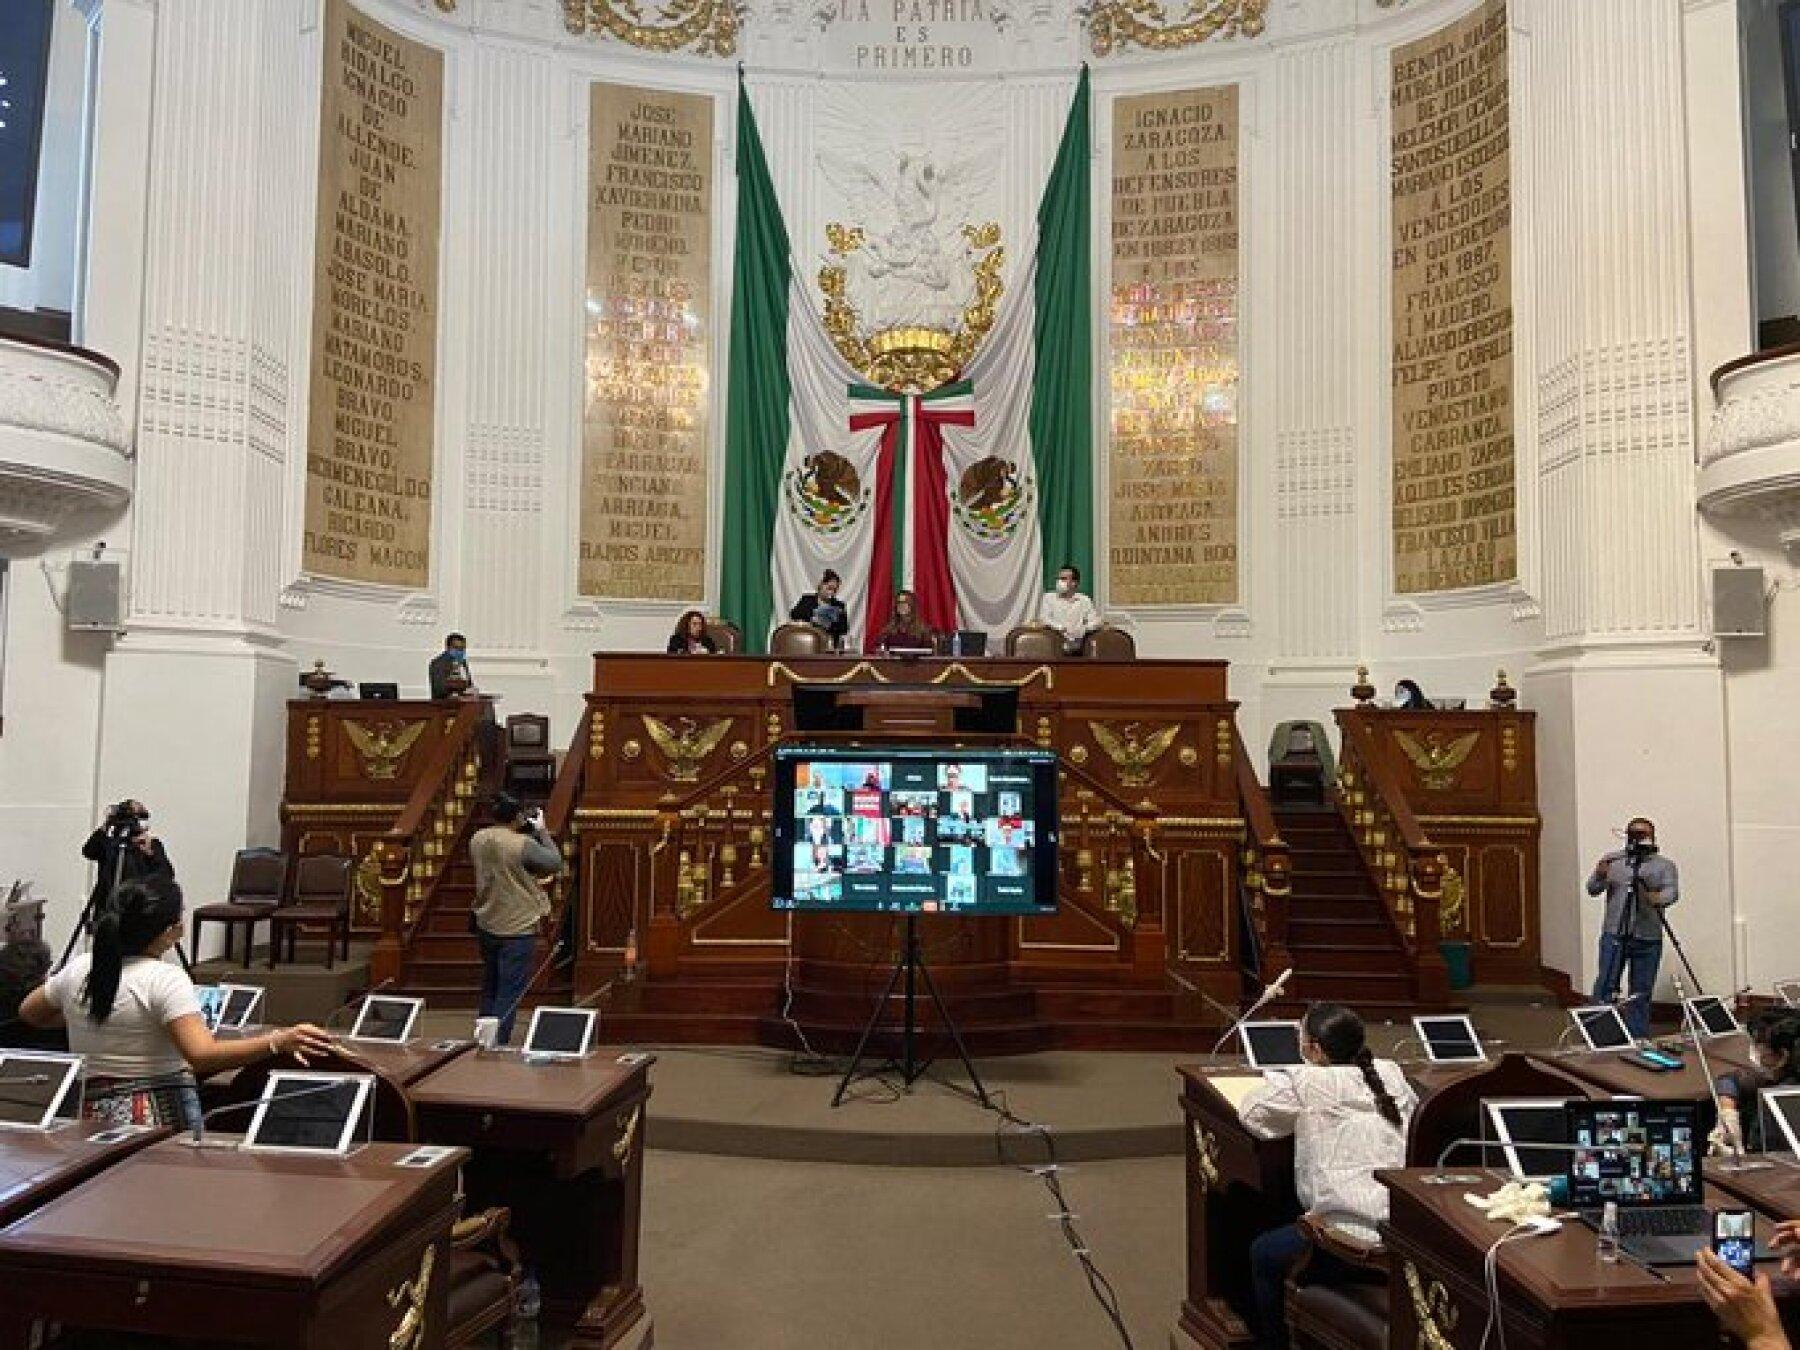 Congreso de la CDMX en sesión virtual